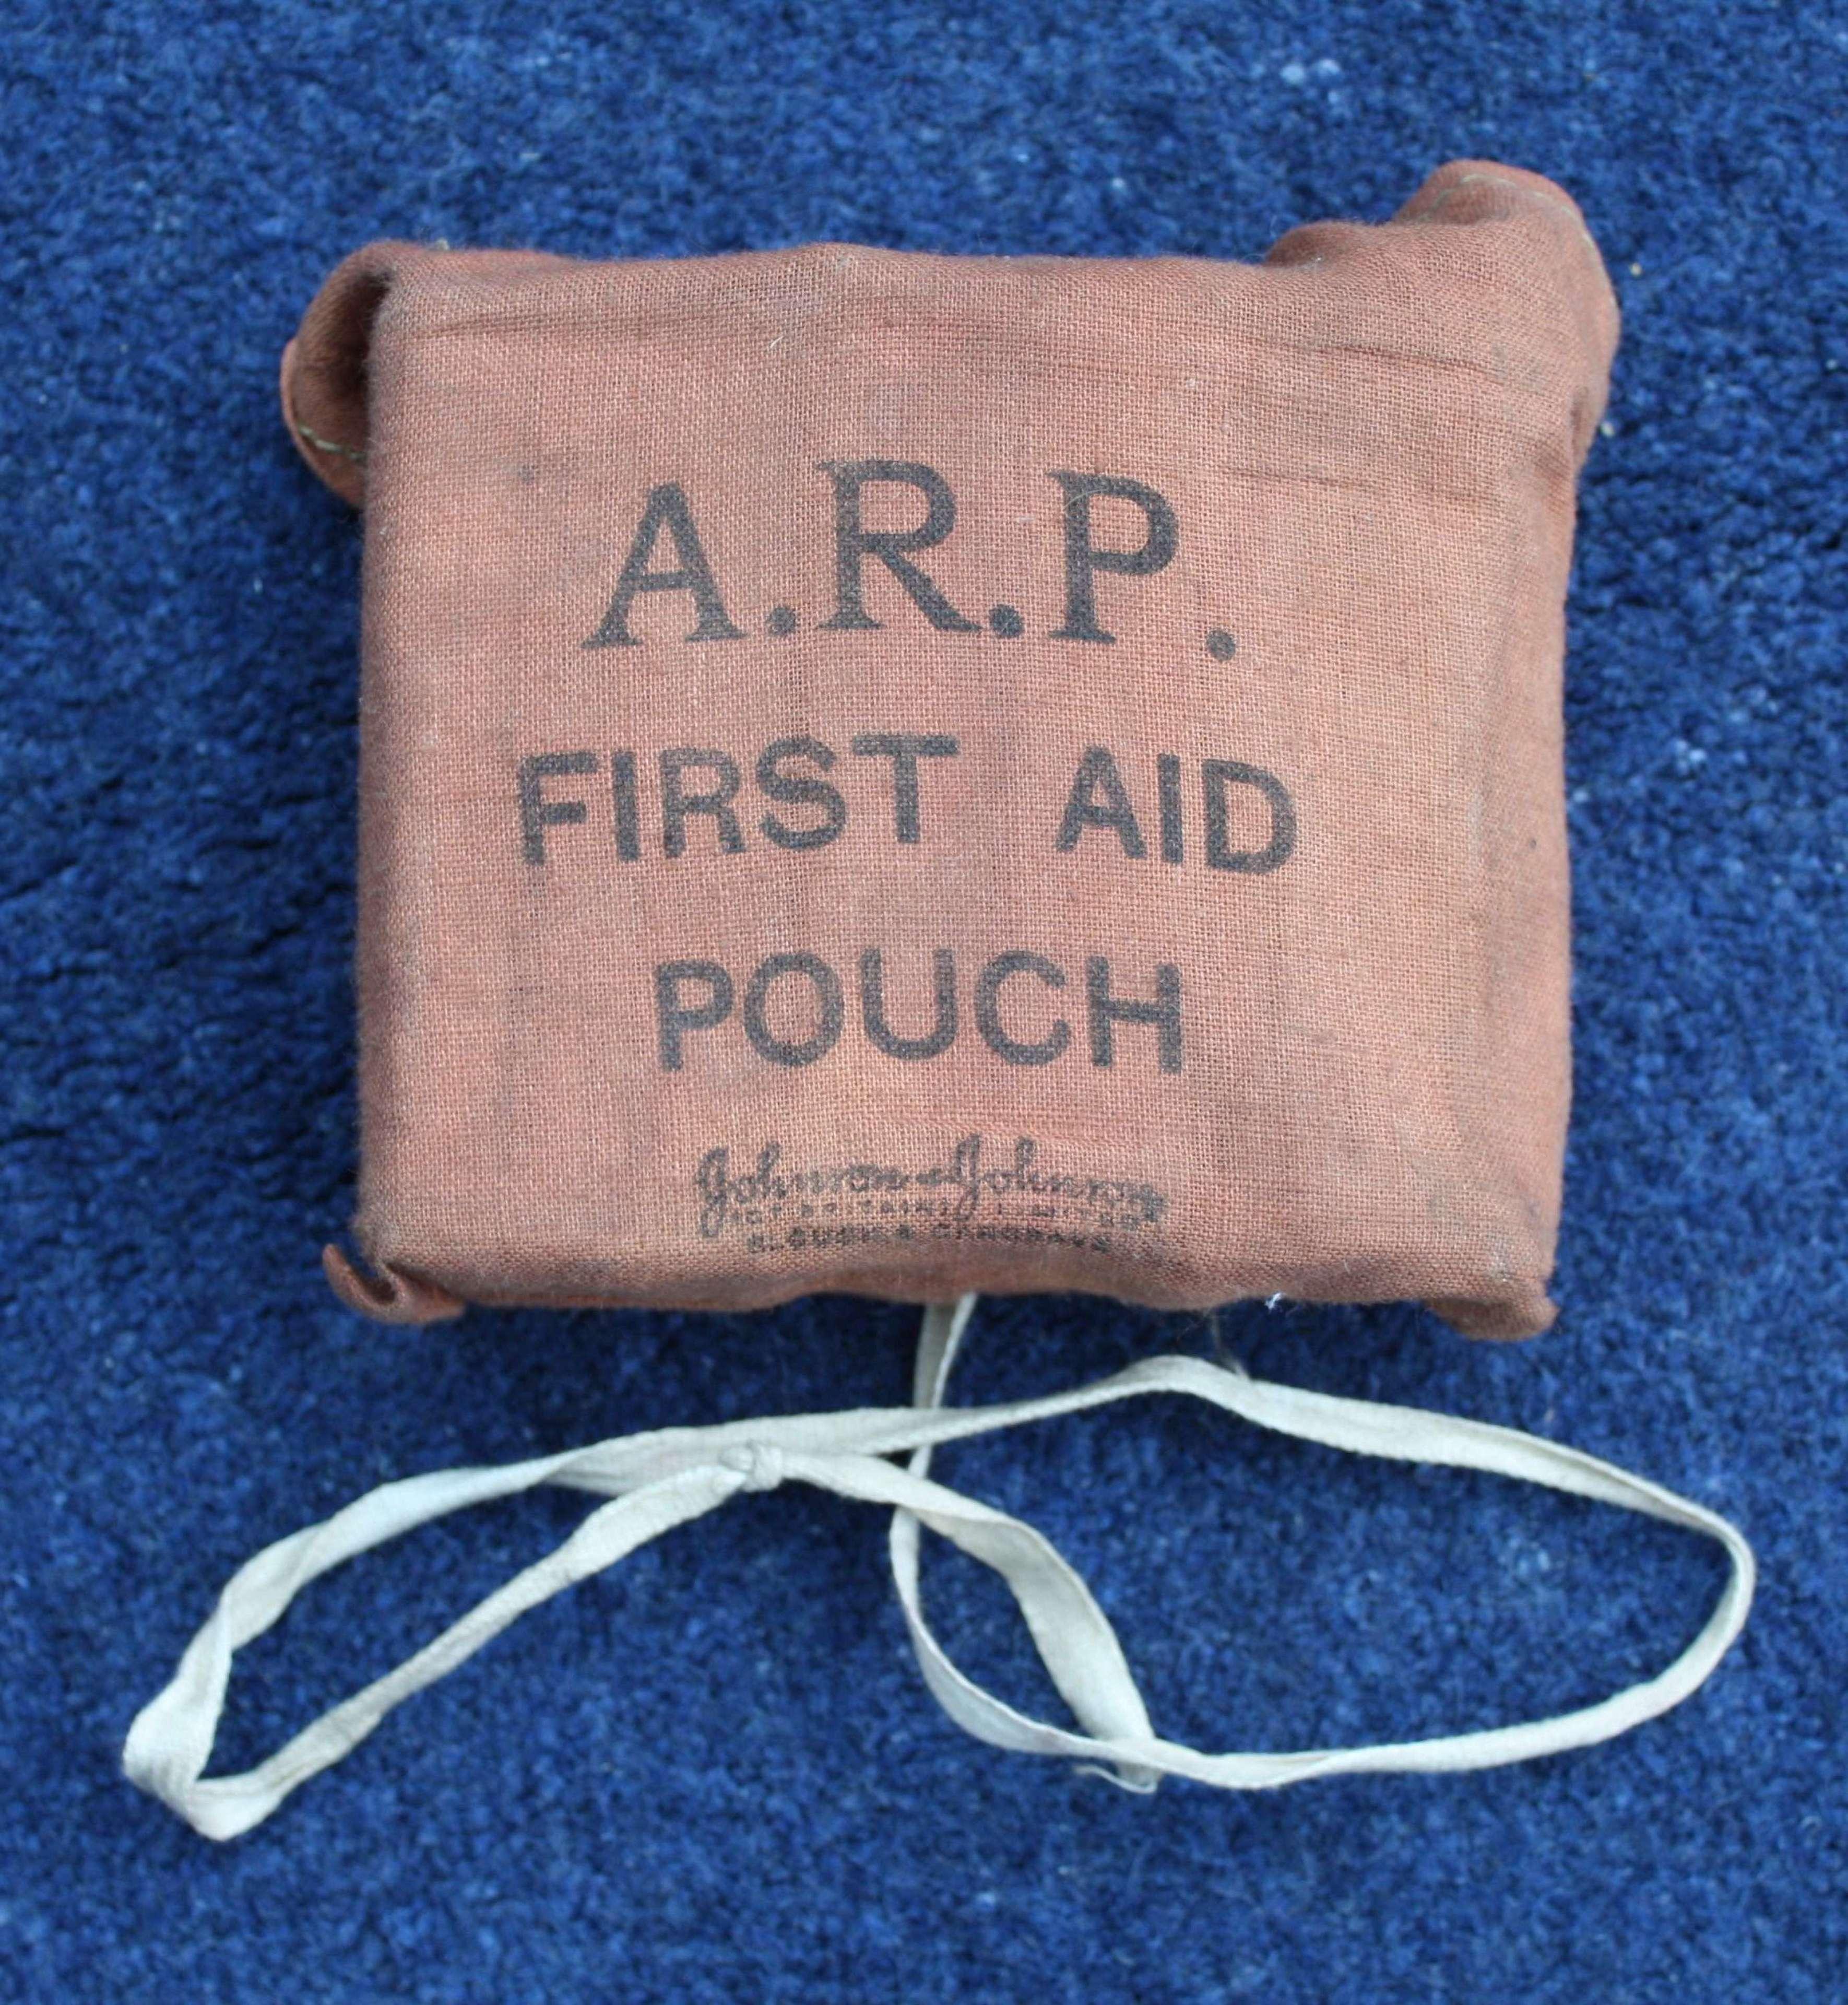 WW2 ARP Air Raid Precaution Small First Aid Pouch